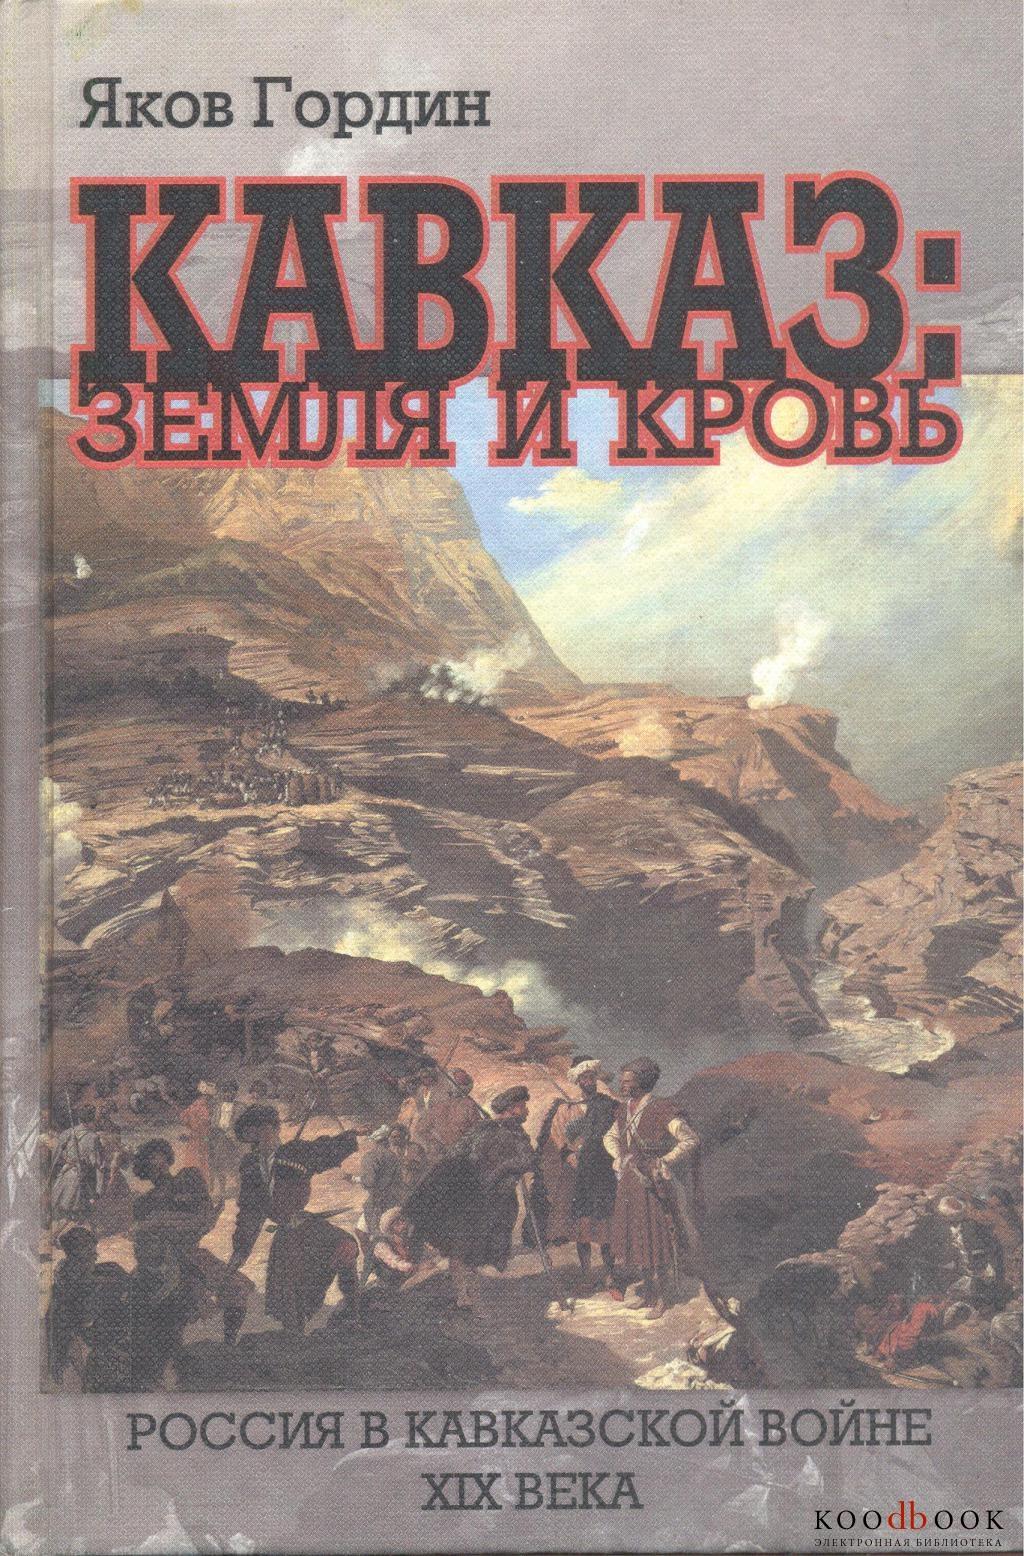 Гордин Я. А. Кавказ. Земля и кровь (2000)